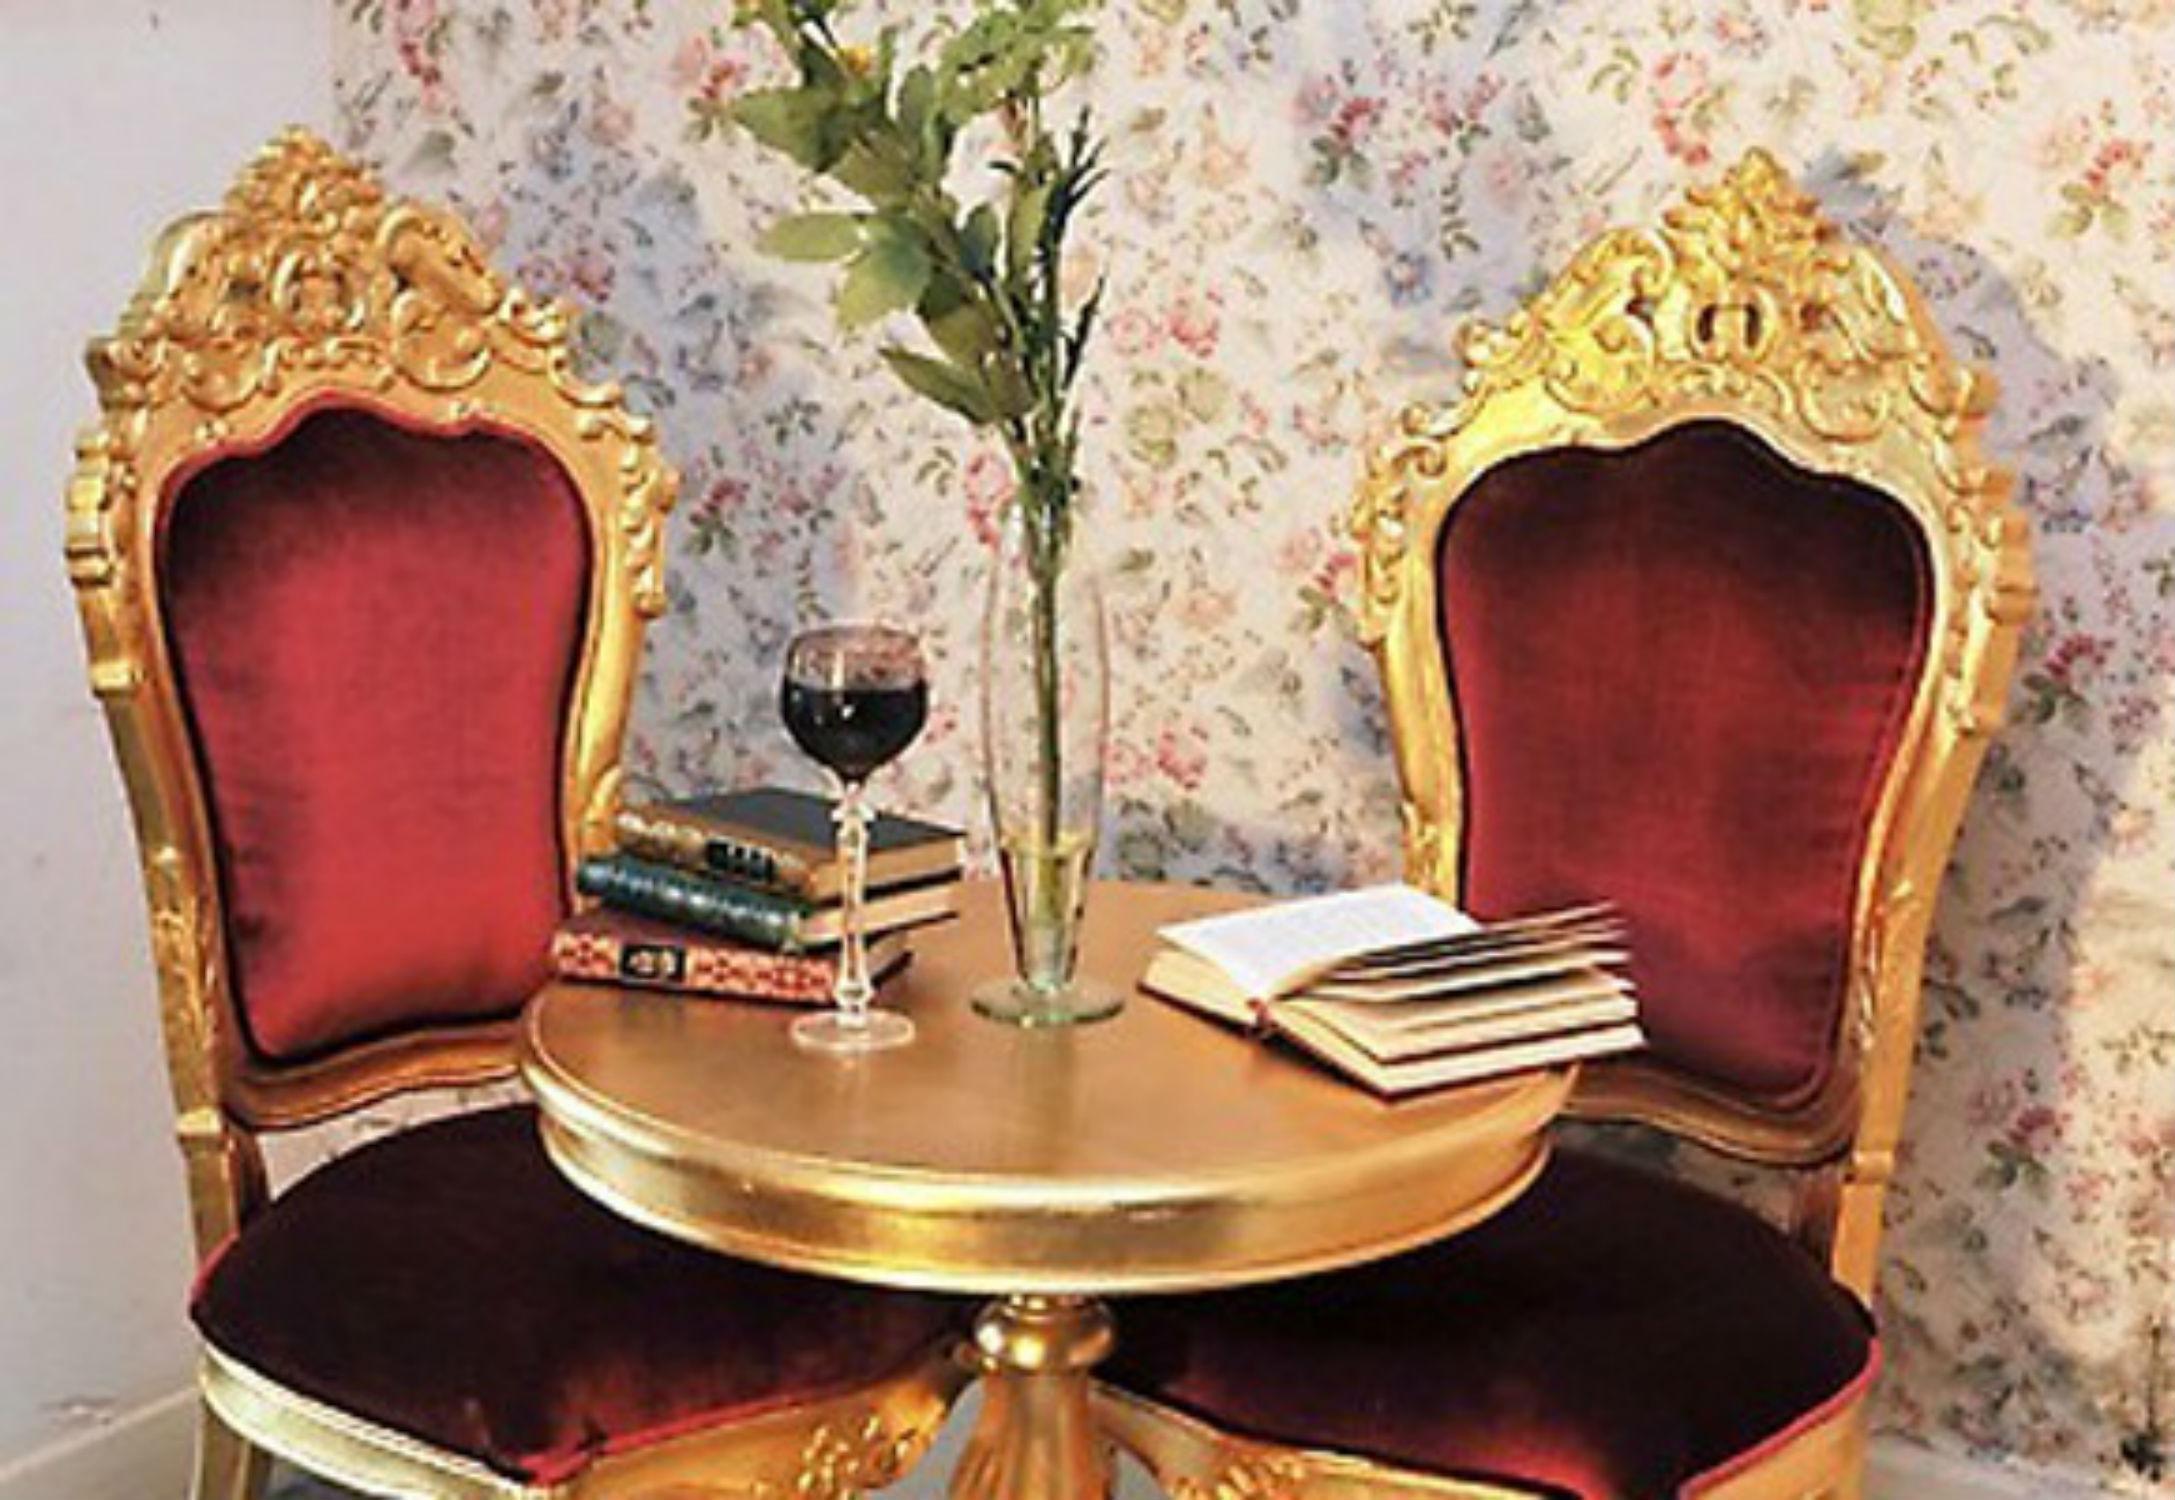 location fauteuil mariage doré et velours rouge